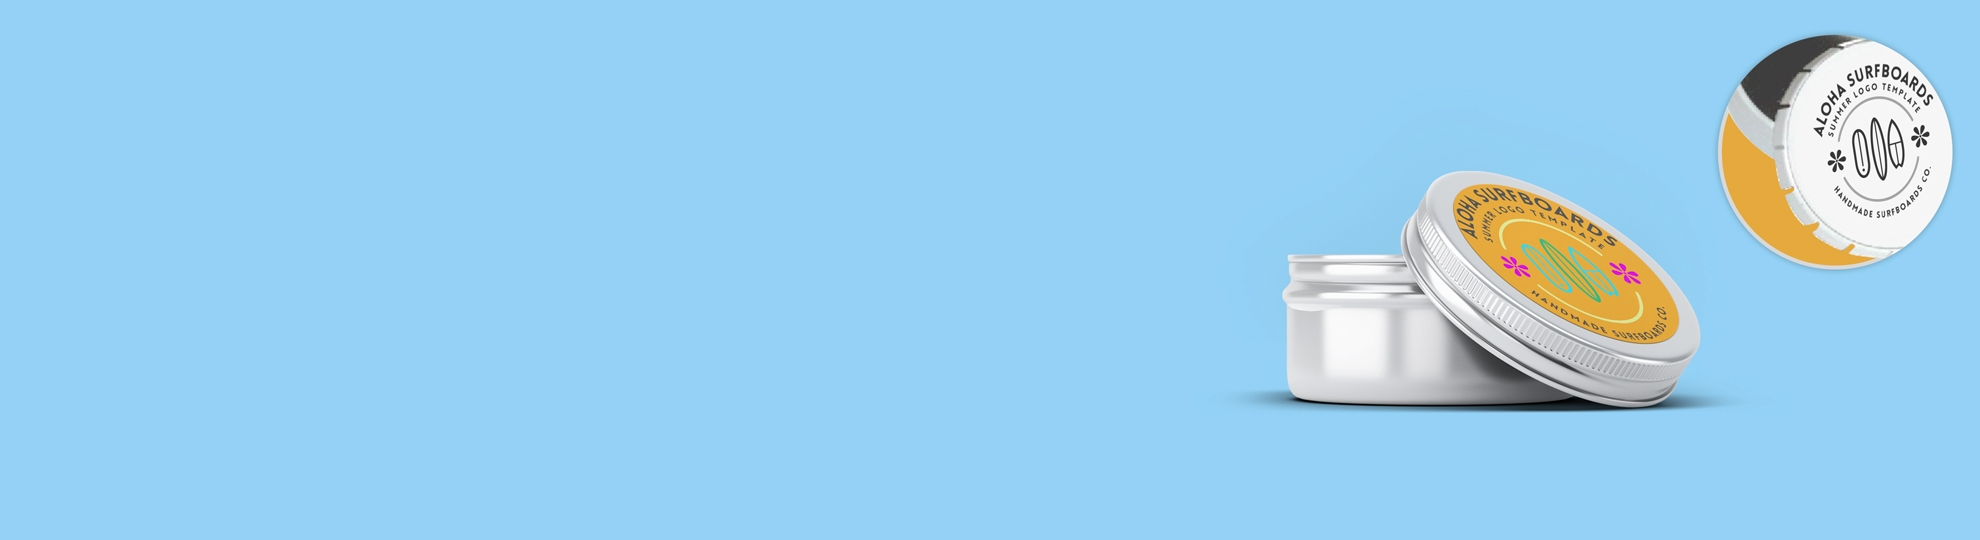 Cendriers de poche clic-clac publicitaires personnalisés